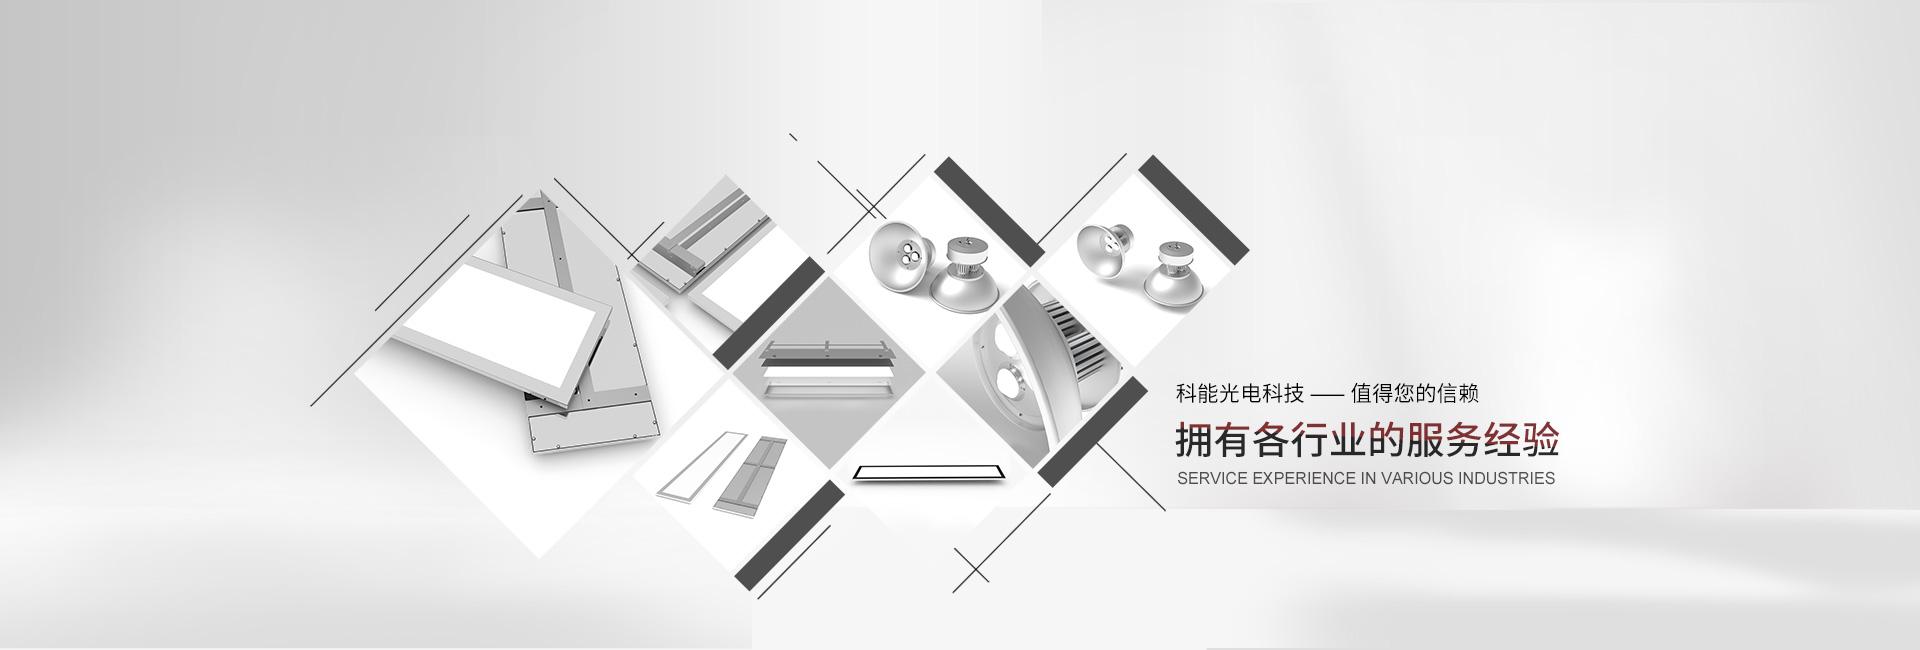 苏州科能光电科技有限公司